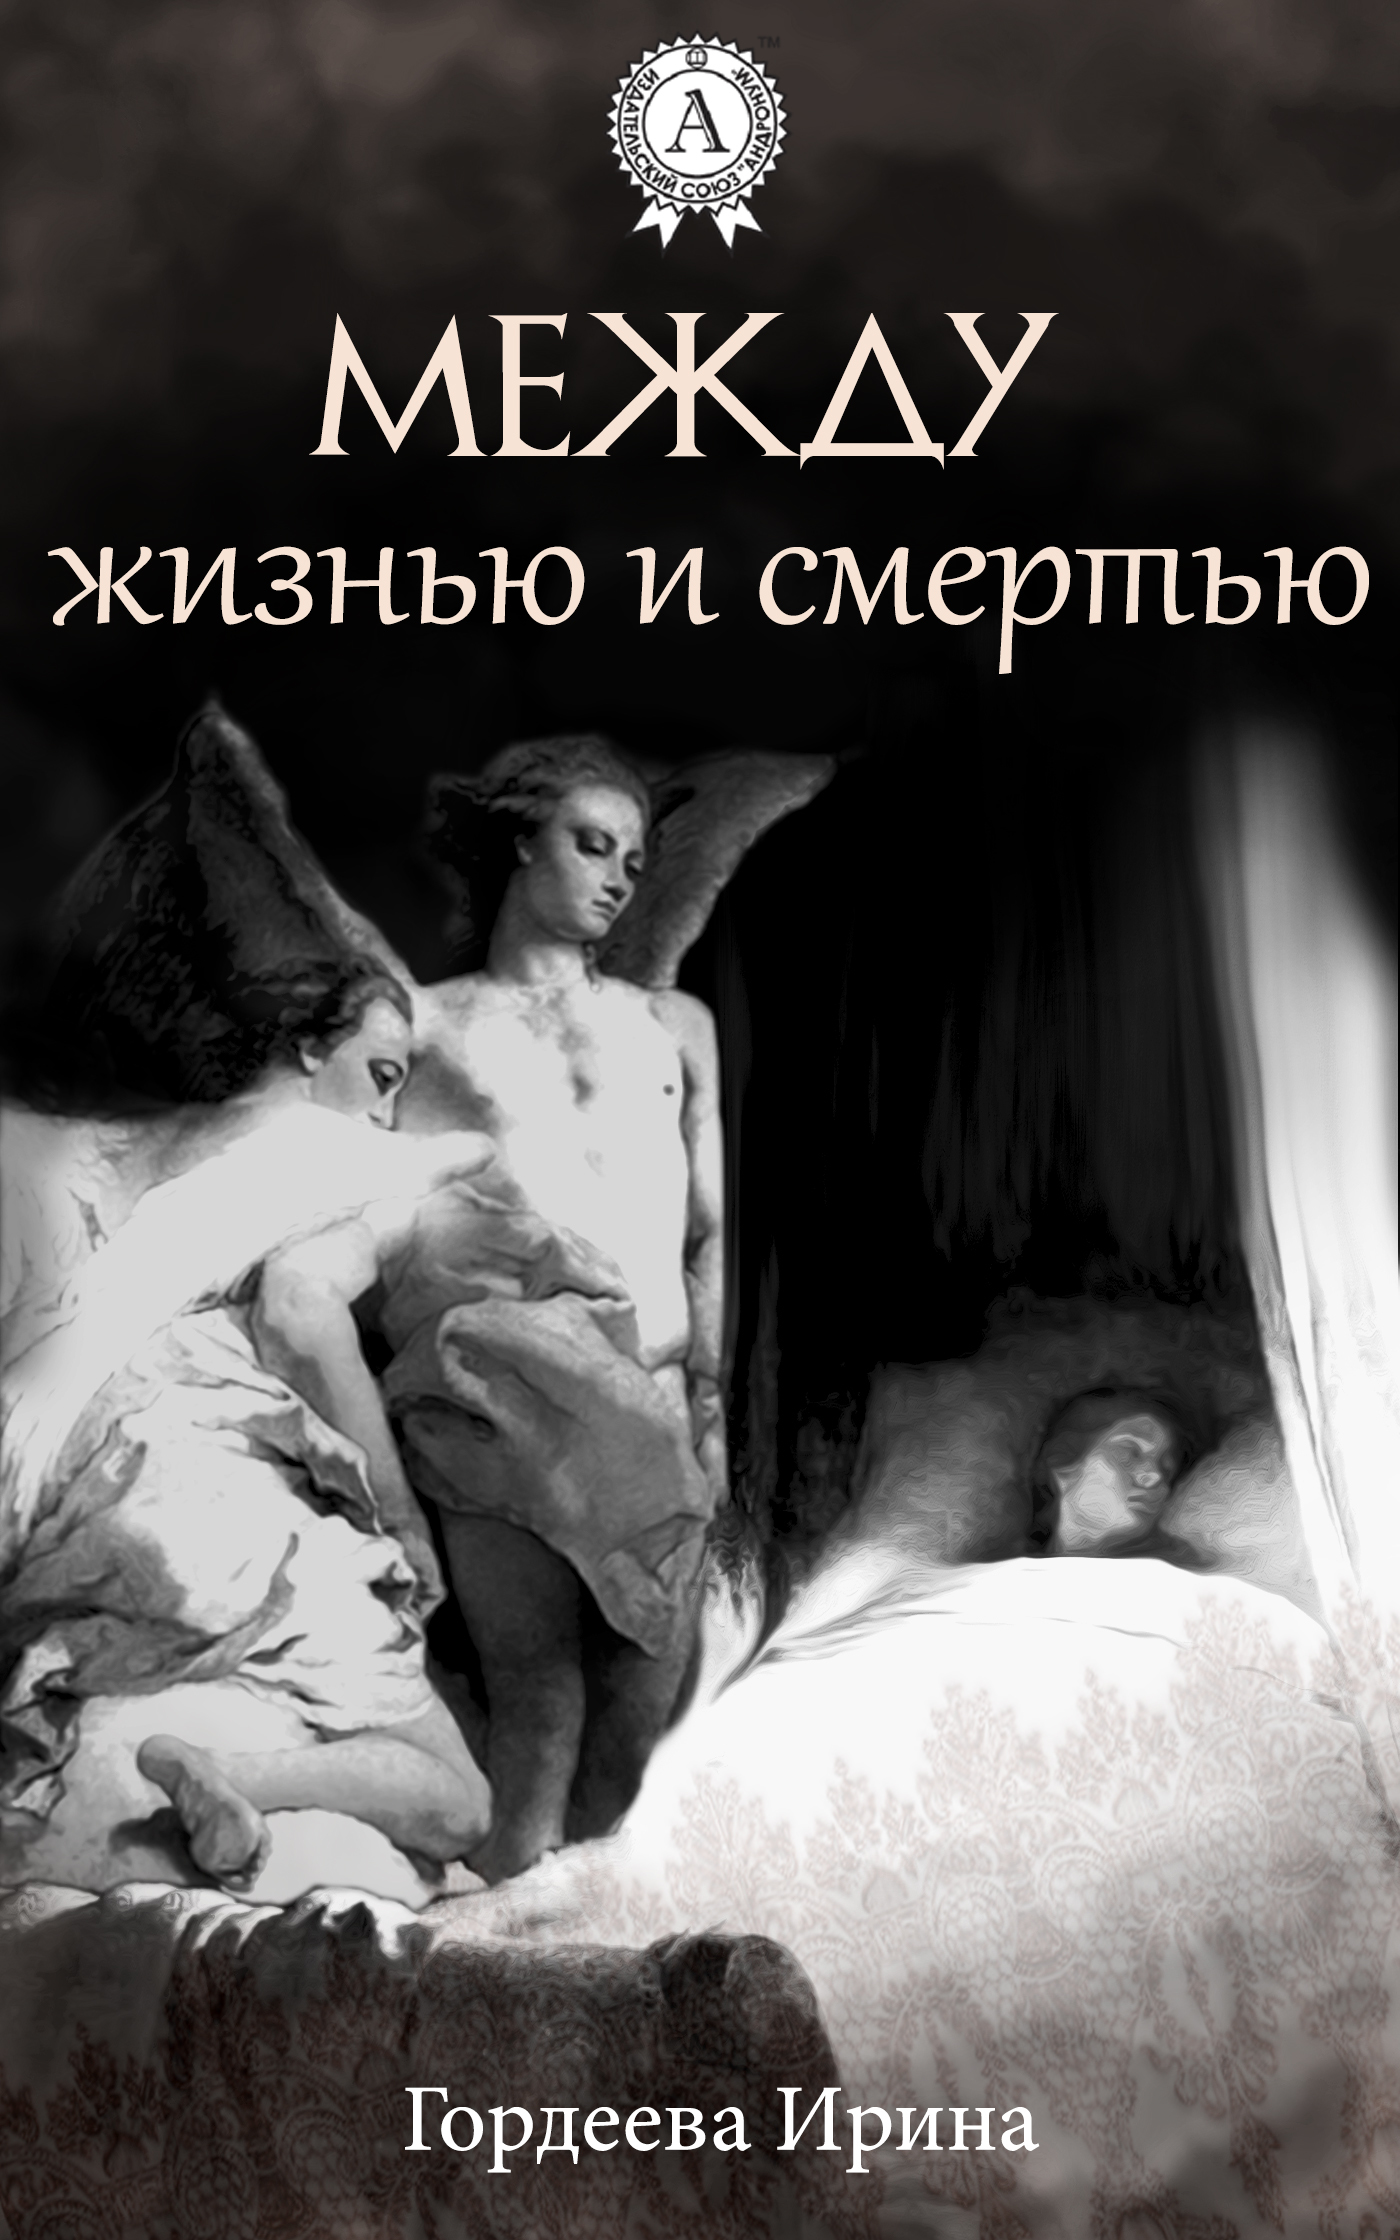 Скачать Ирина Гордеева бесплатно Между жизнью и смертью